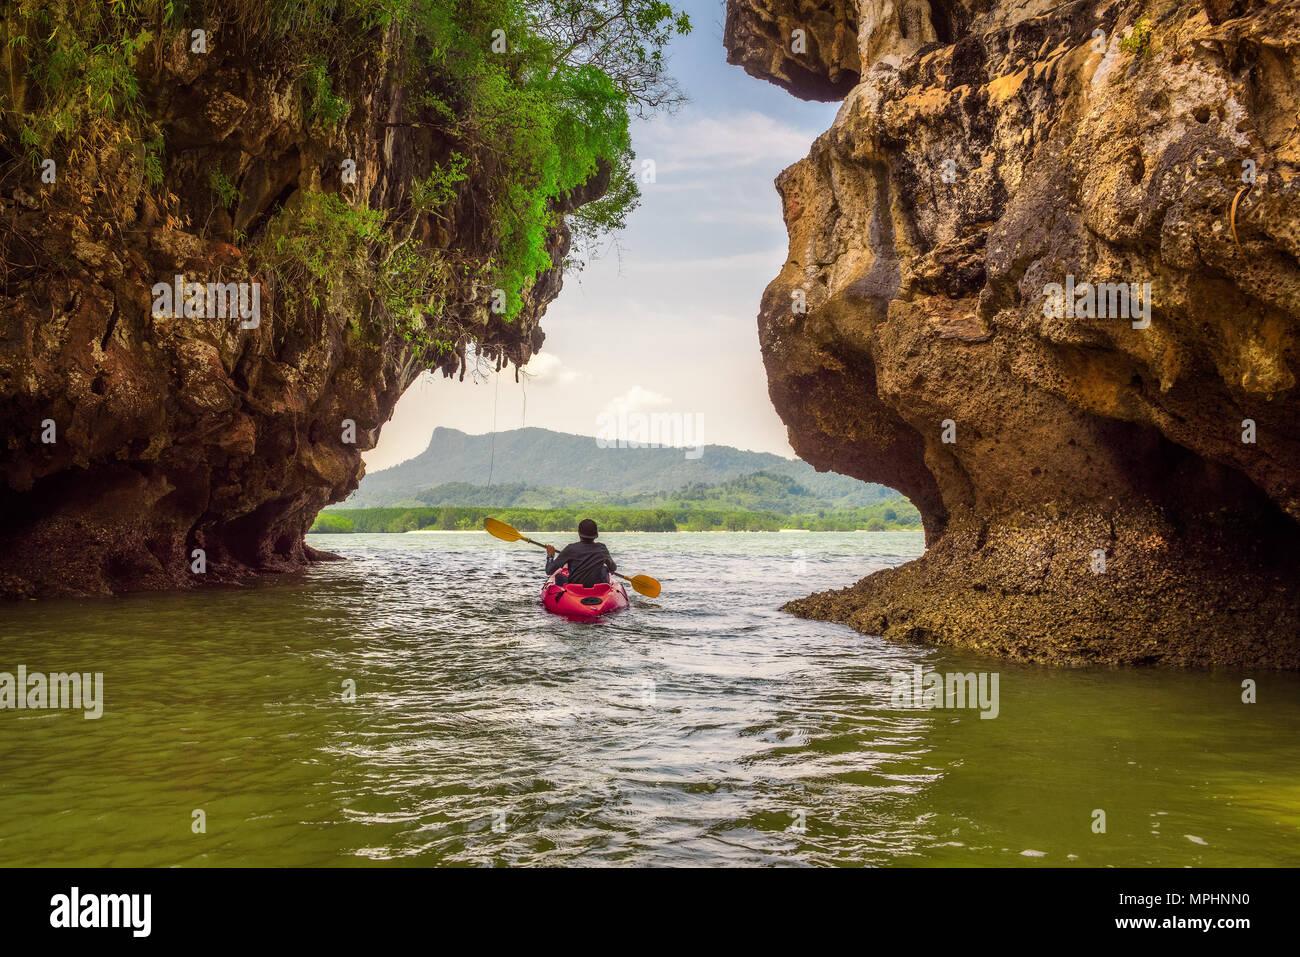 Kayaking under high cliffs in Thailand - Stock Image